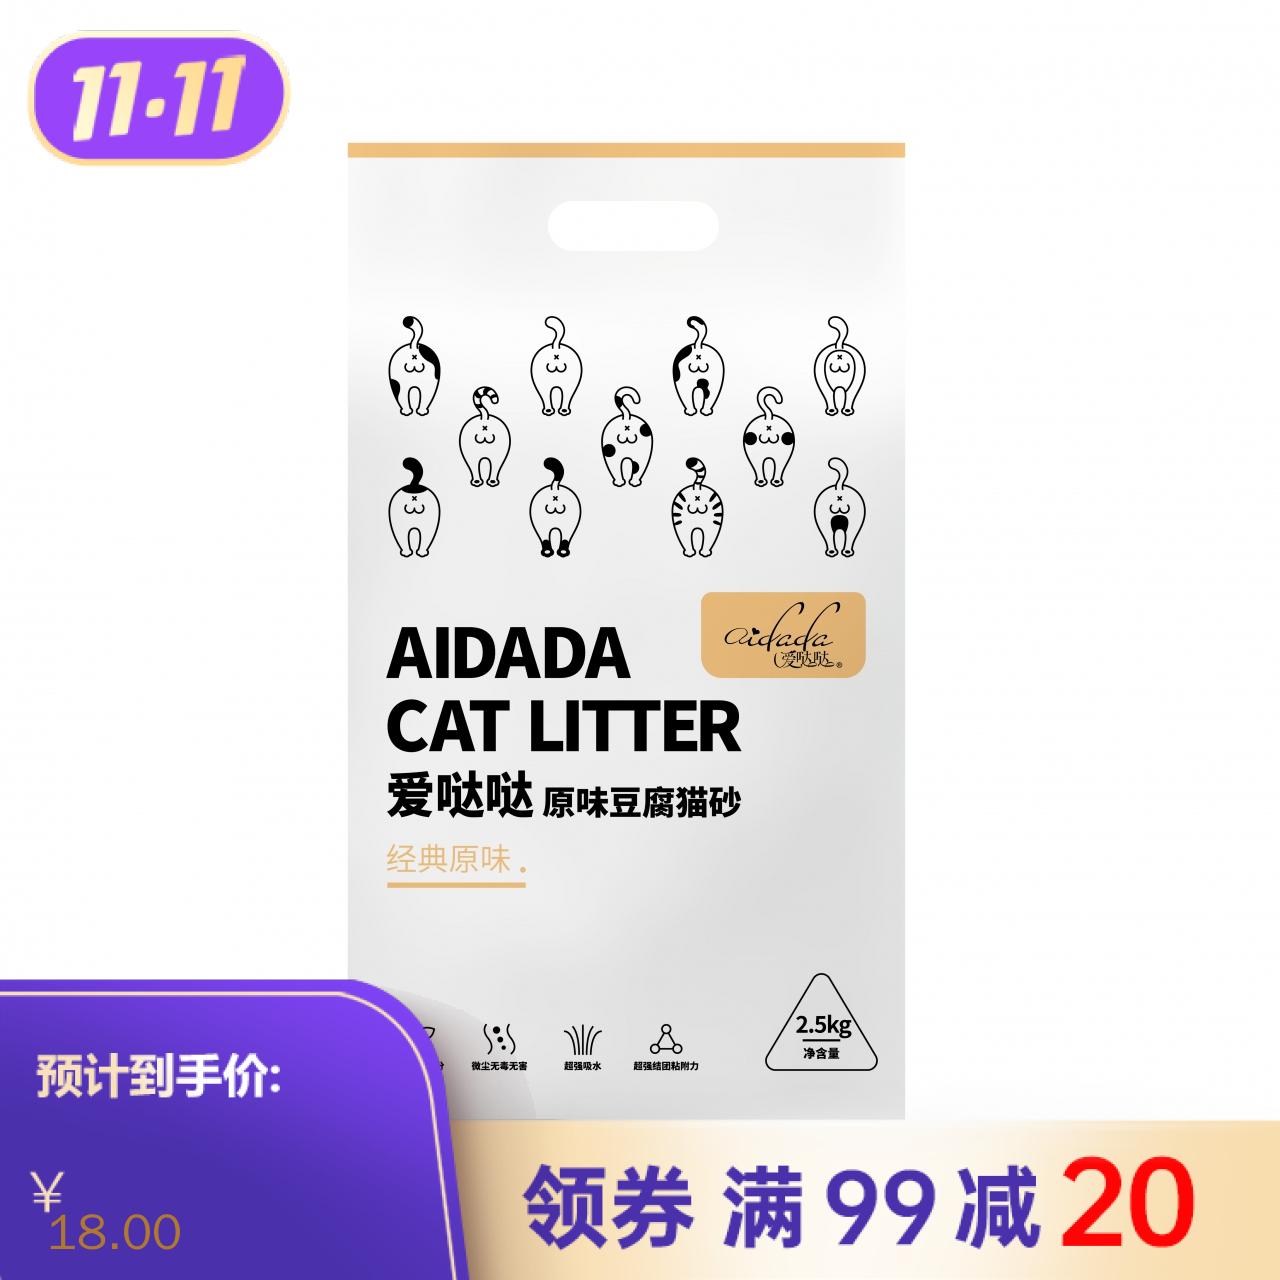 爱哒哒 原味豆腐猫砂 2.5kg